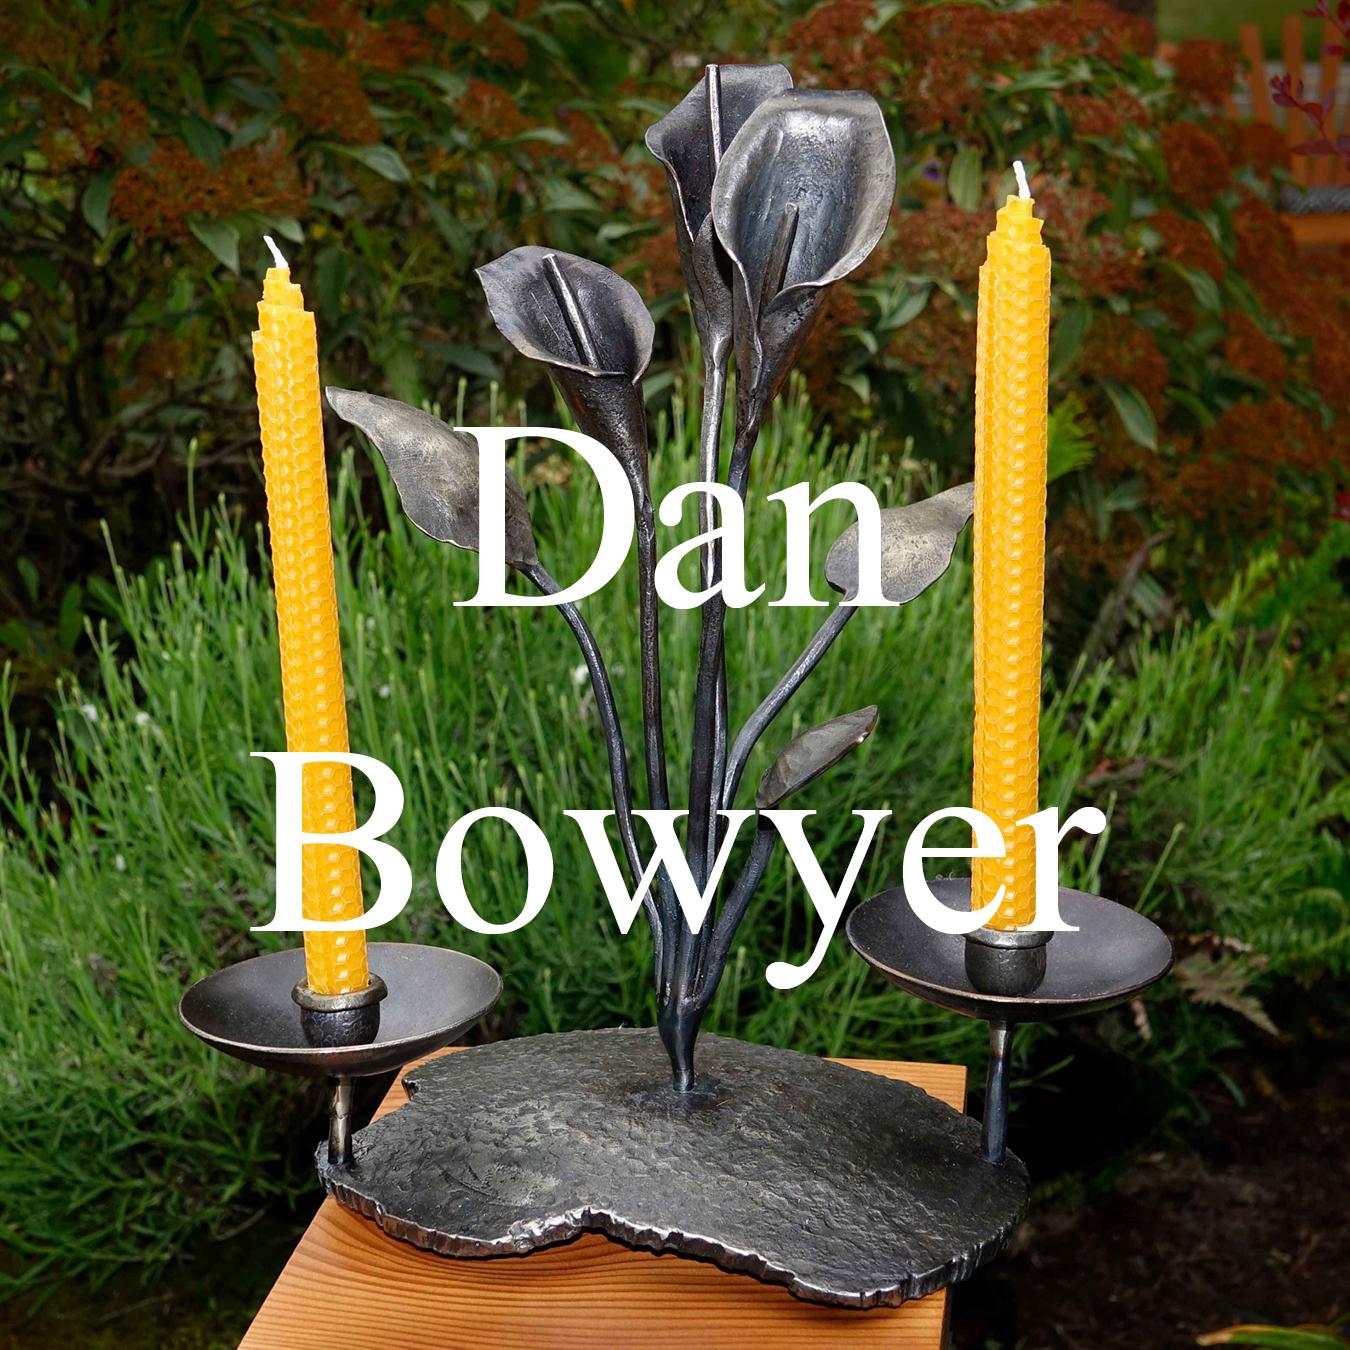 Bowyer (ArtByTown).jpg